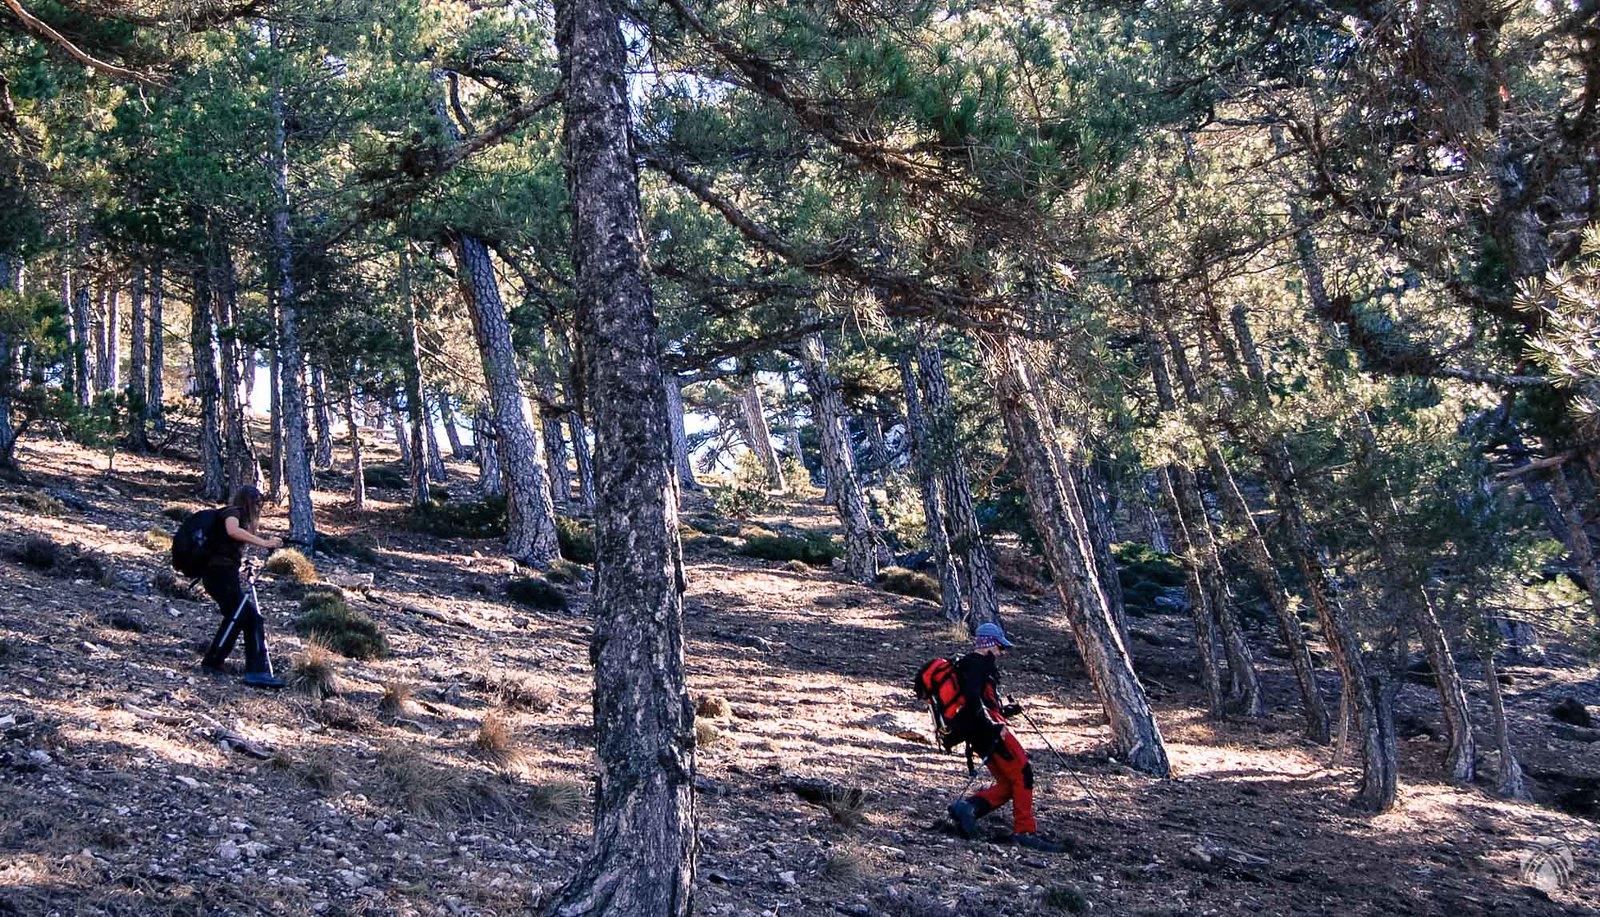 Descenso vertiginoso por el bosque vertical